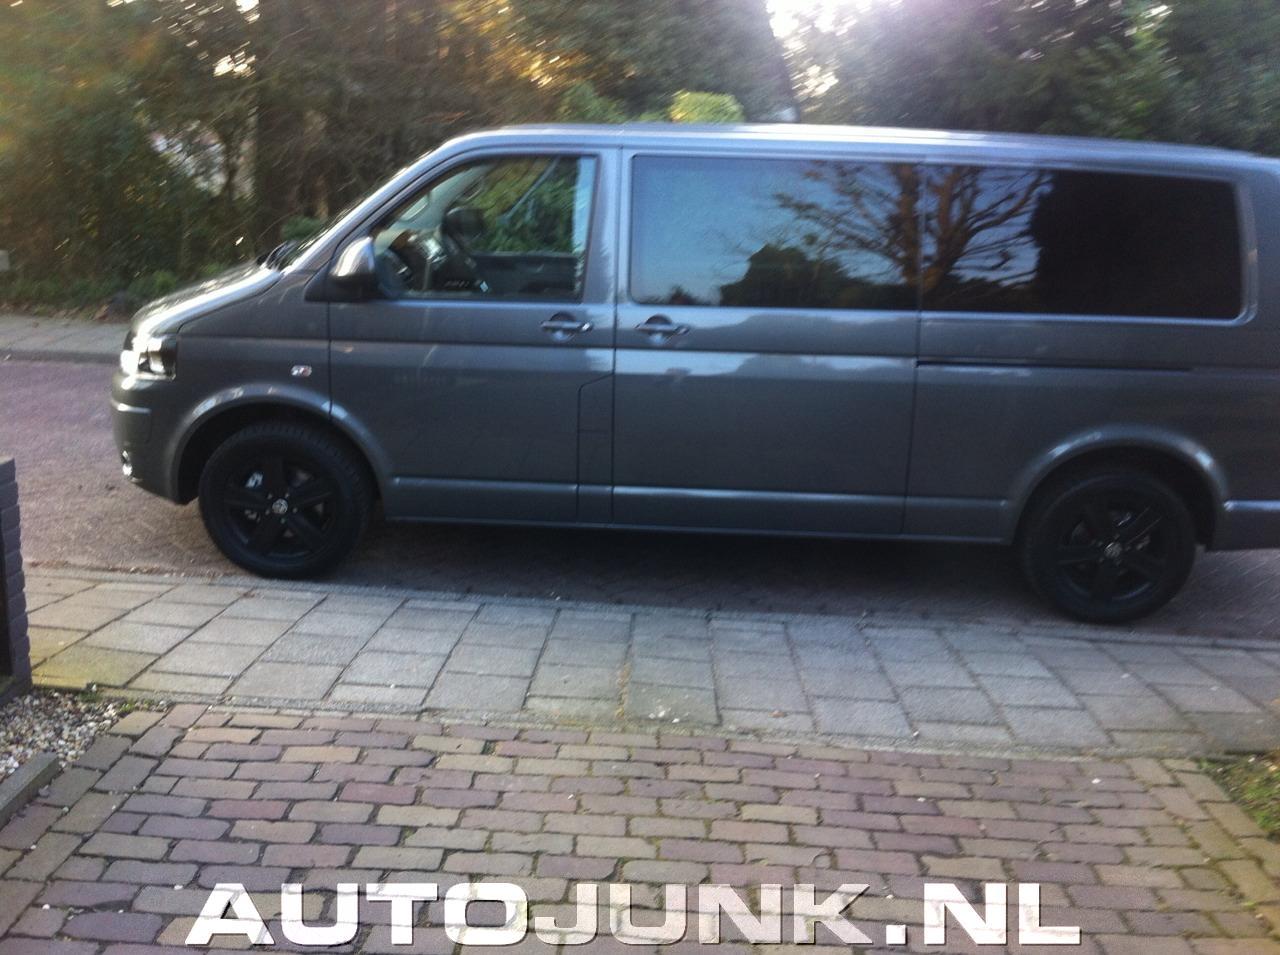 Ongekend Volkswagen transporter mat zwarte velgen foto's » Autojunk.nl (91373) WD-08